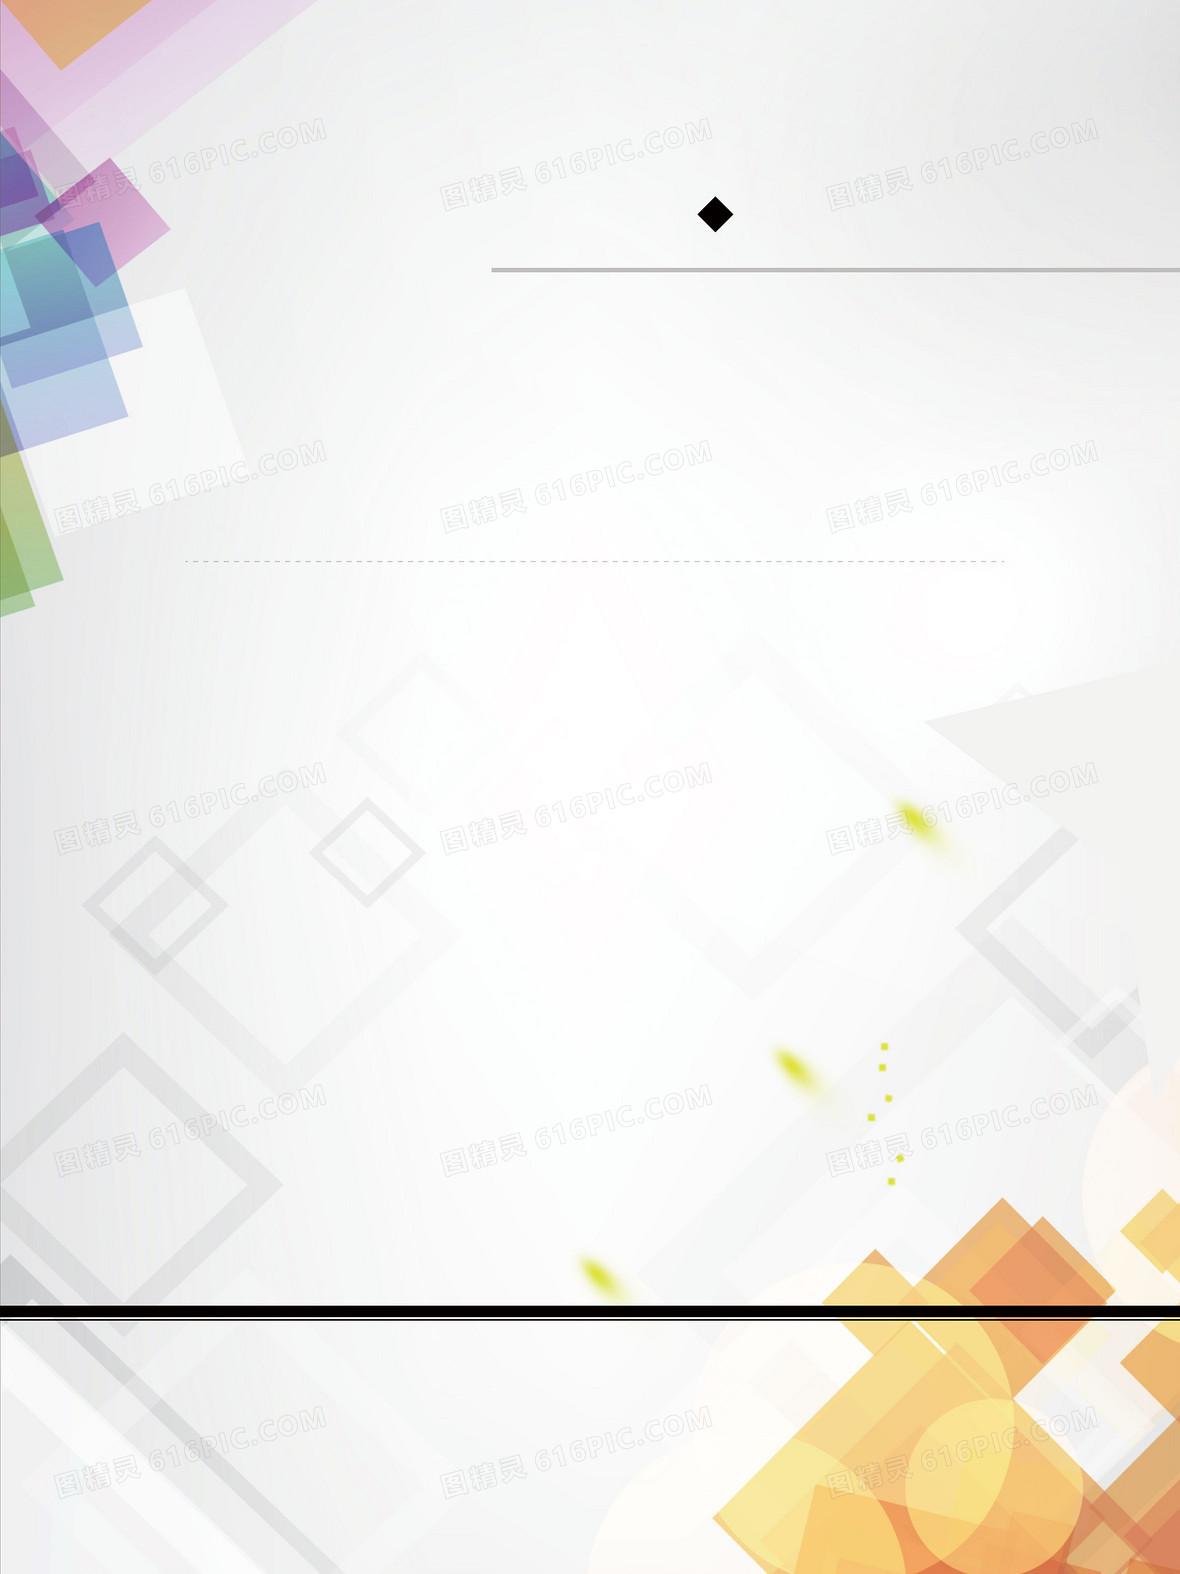 时尚大气公司简介企业文化展板背景素材